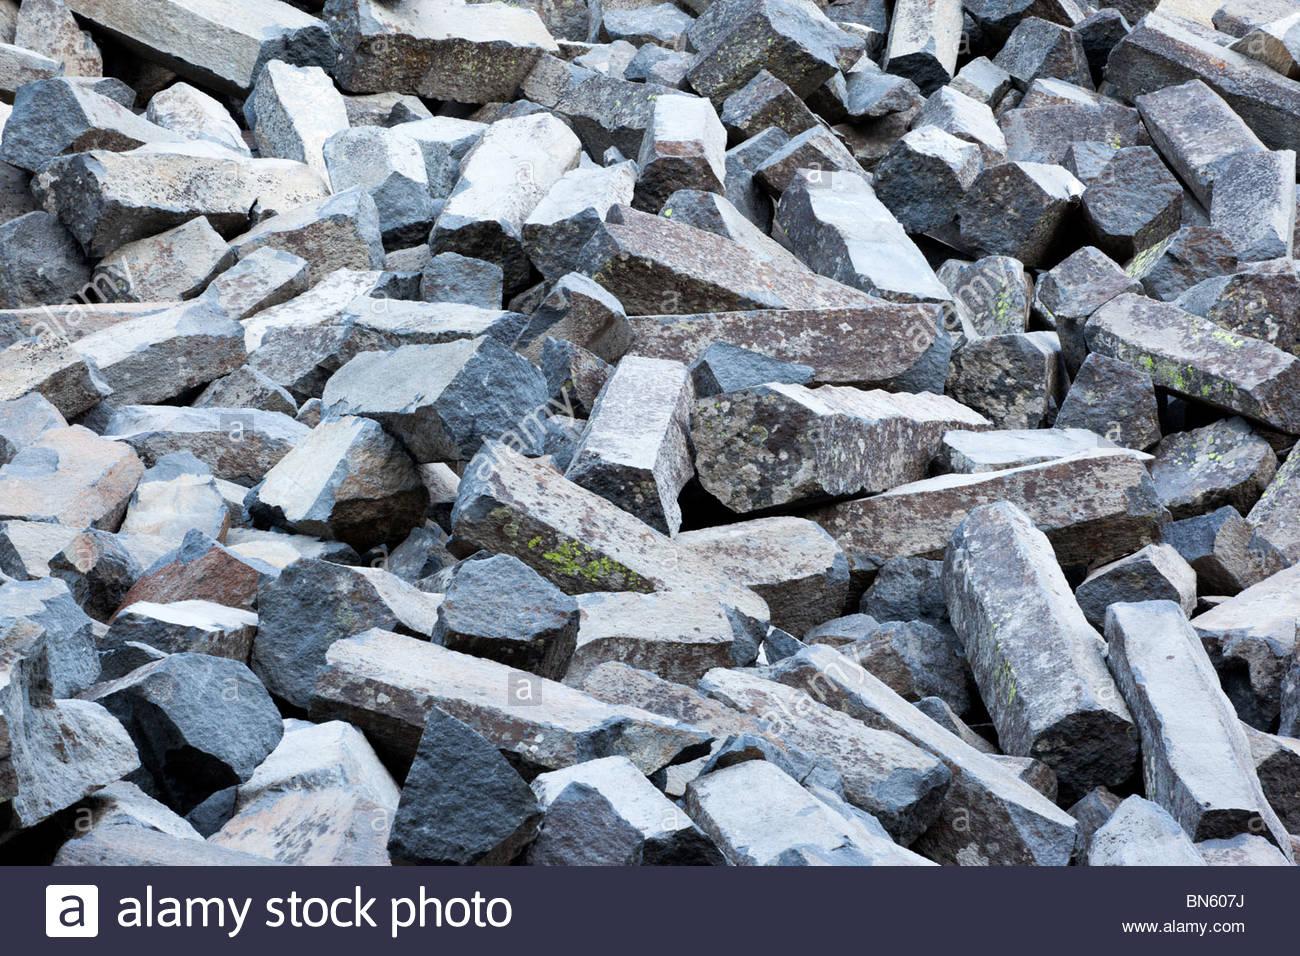 Boulders at Base of Devils Postpile NM, California - Stock Image